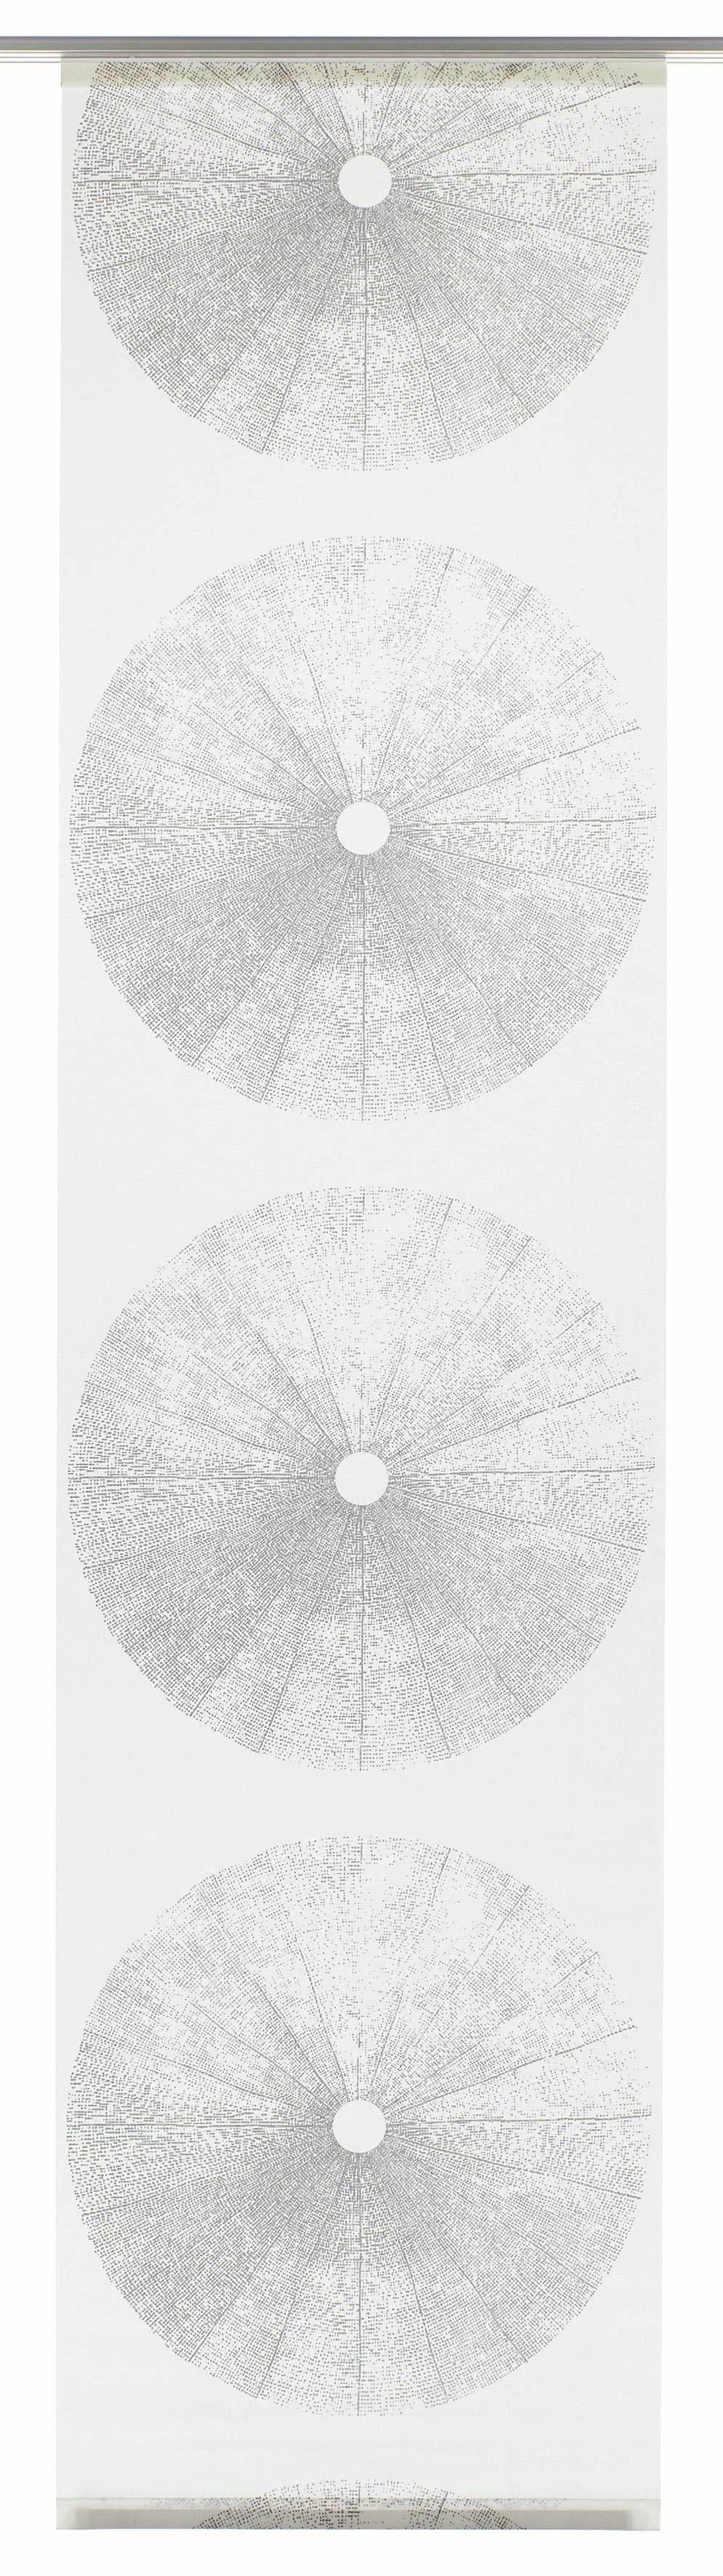 GARDINIA paneelgordijn stof Tree met wit railsysteem HxB: 245x60 (1 stuk) goedkoop op otto.nl kopen